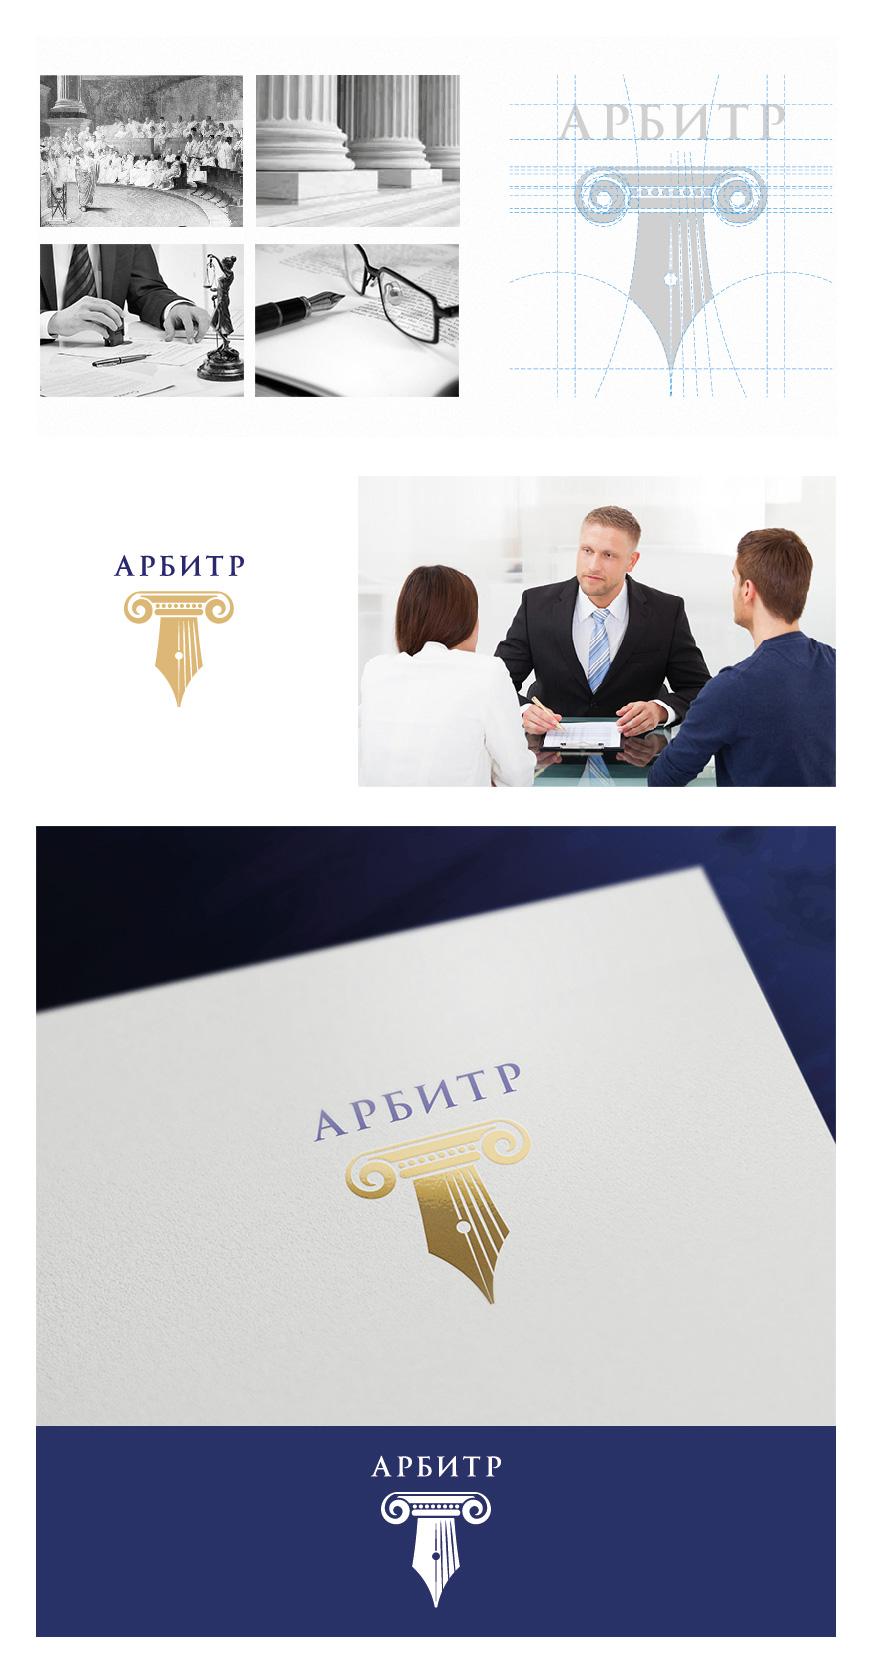 Арбитр